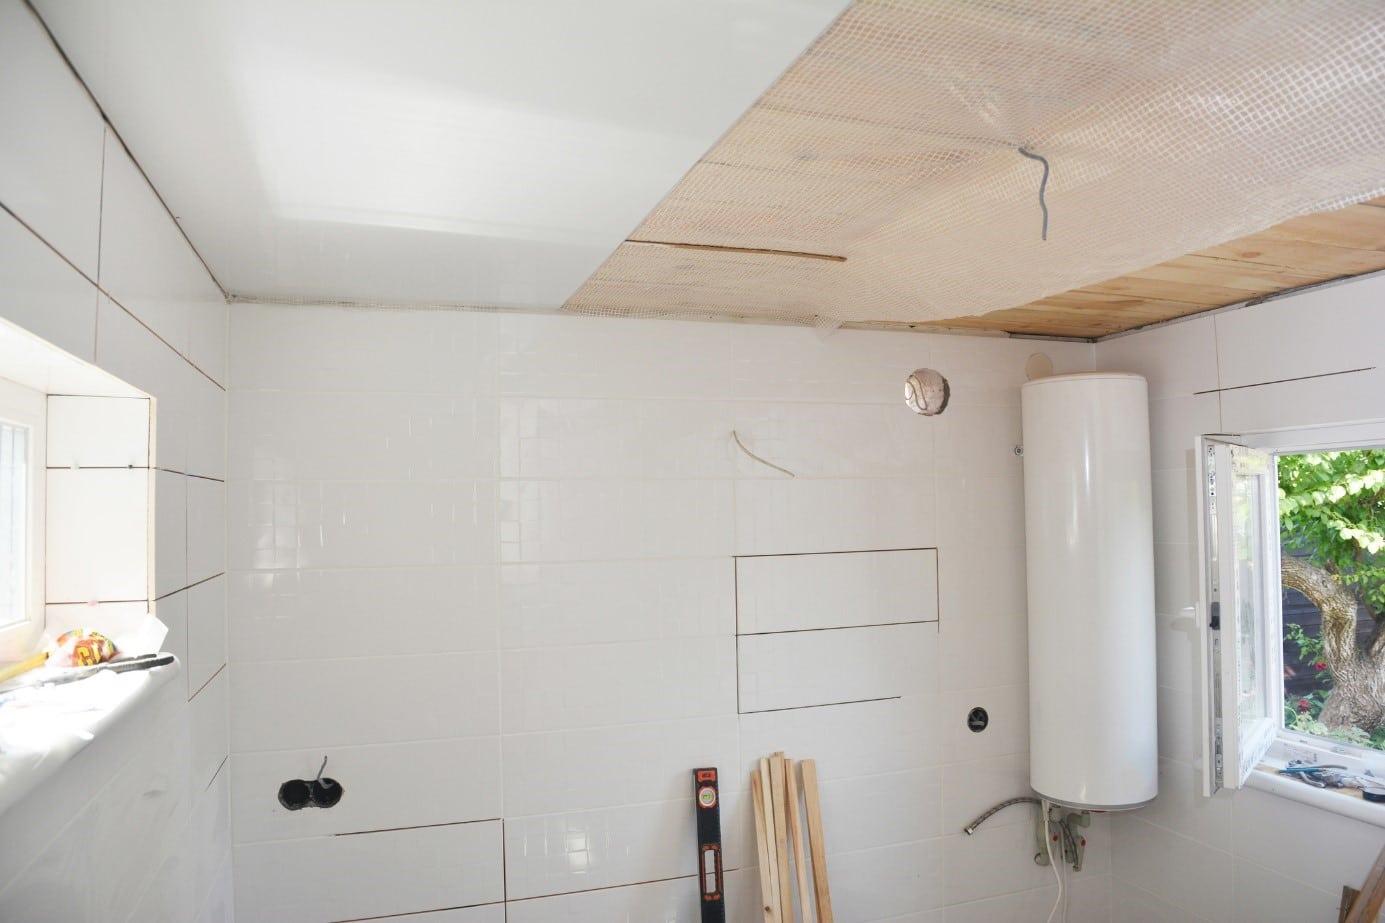 Plafond en PVC : caractéristiques, atouts et inconvénients